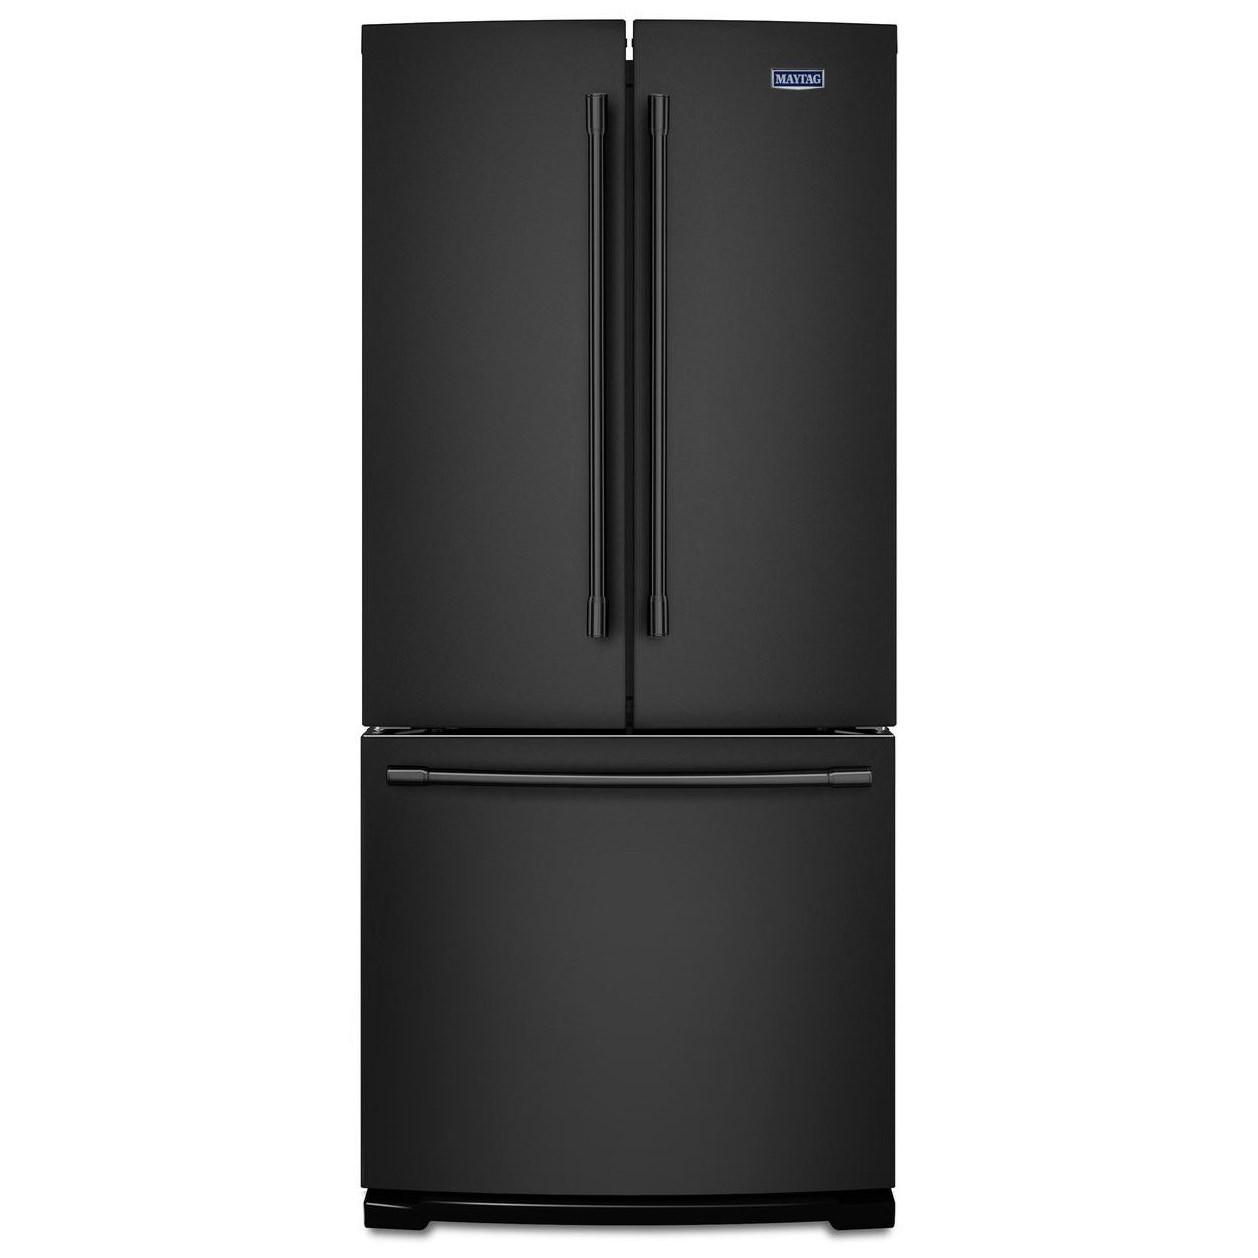 Maytag Maytag French Door Refrigerators30